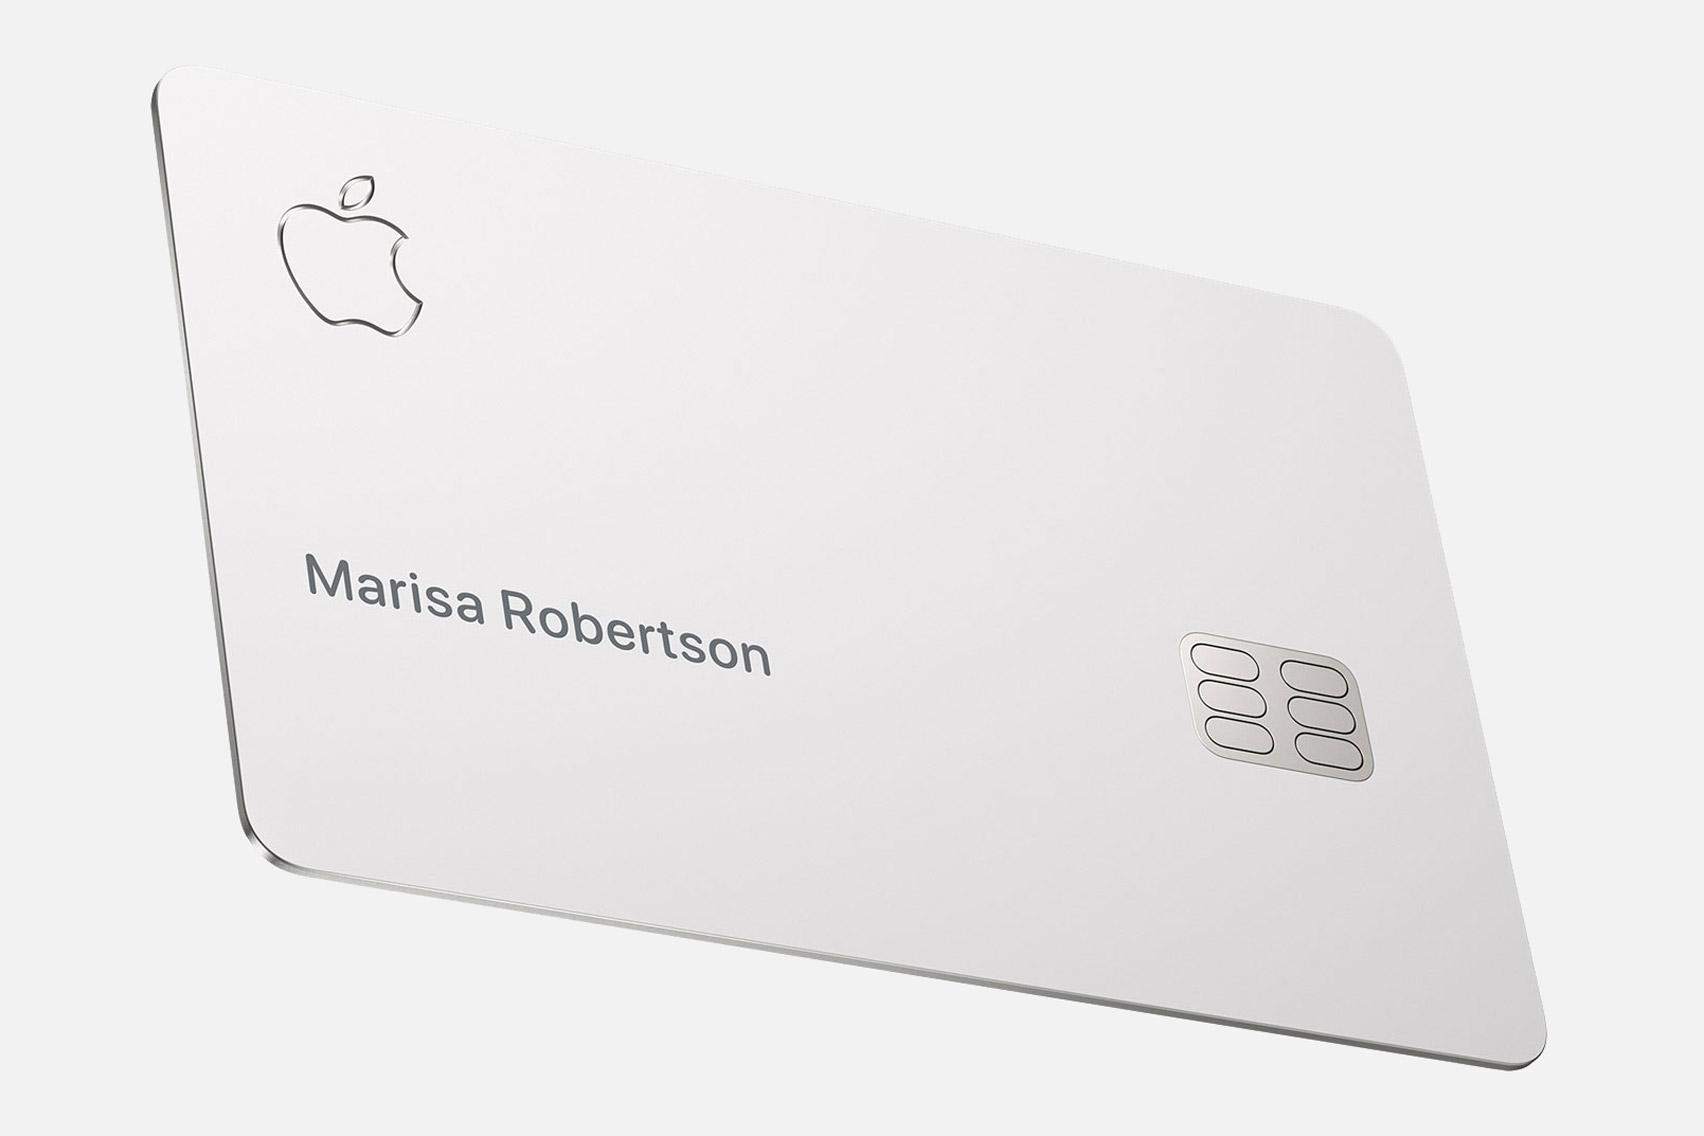 專家推薦10個該使用蘋果信用卡Apple Card的理由